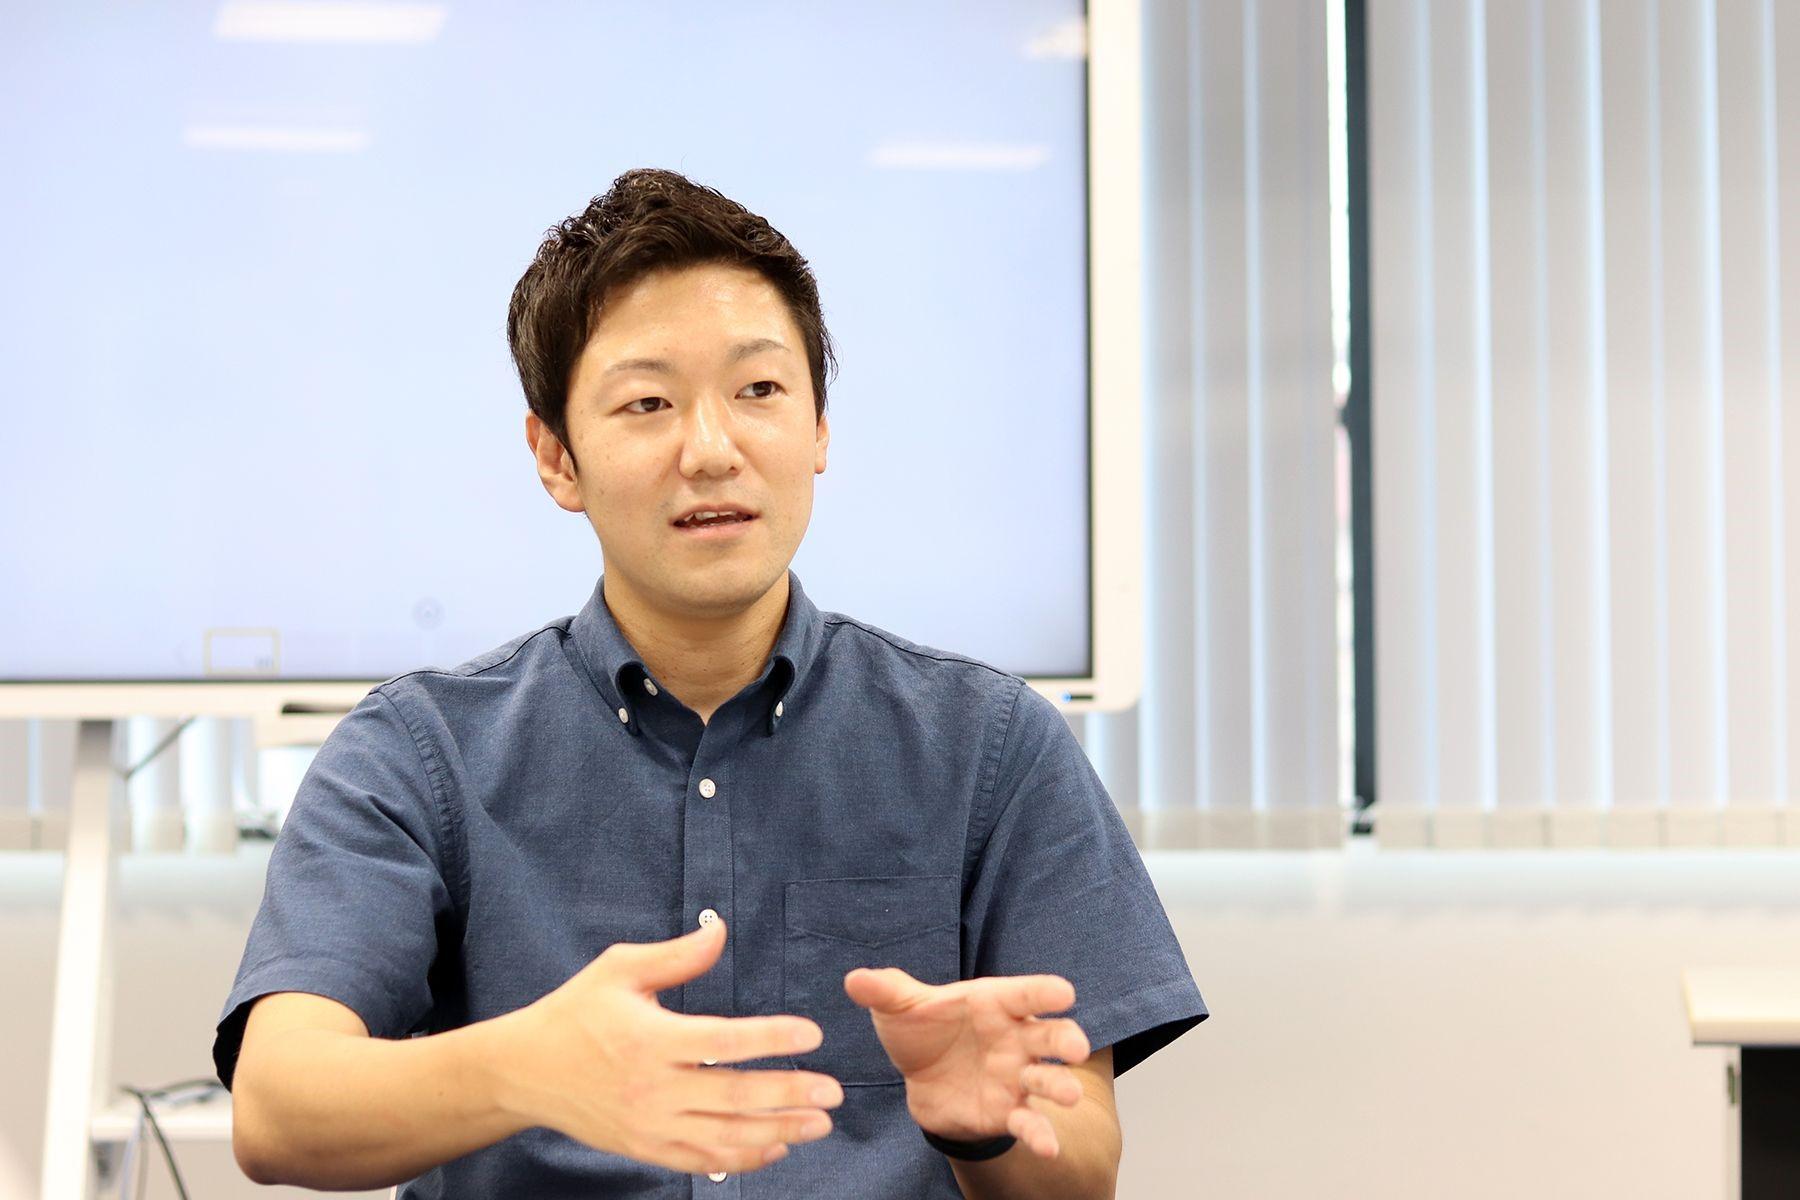 鈴木 健太氏